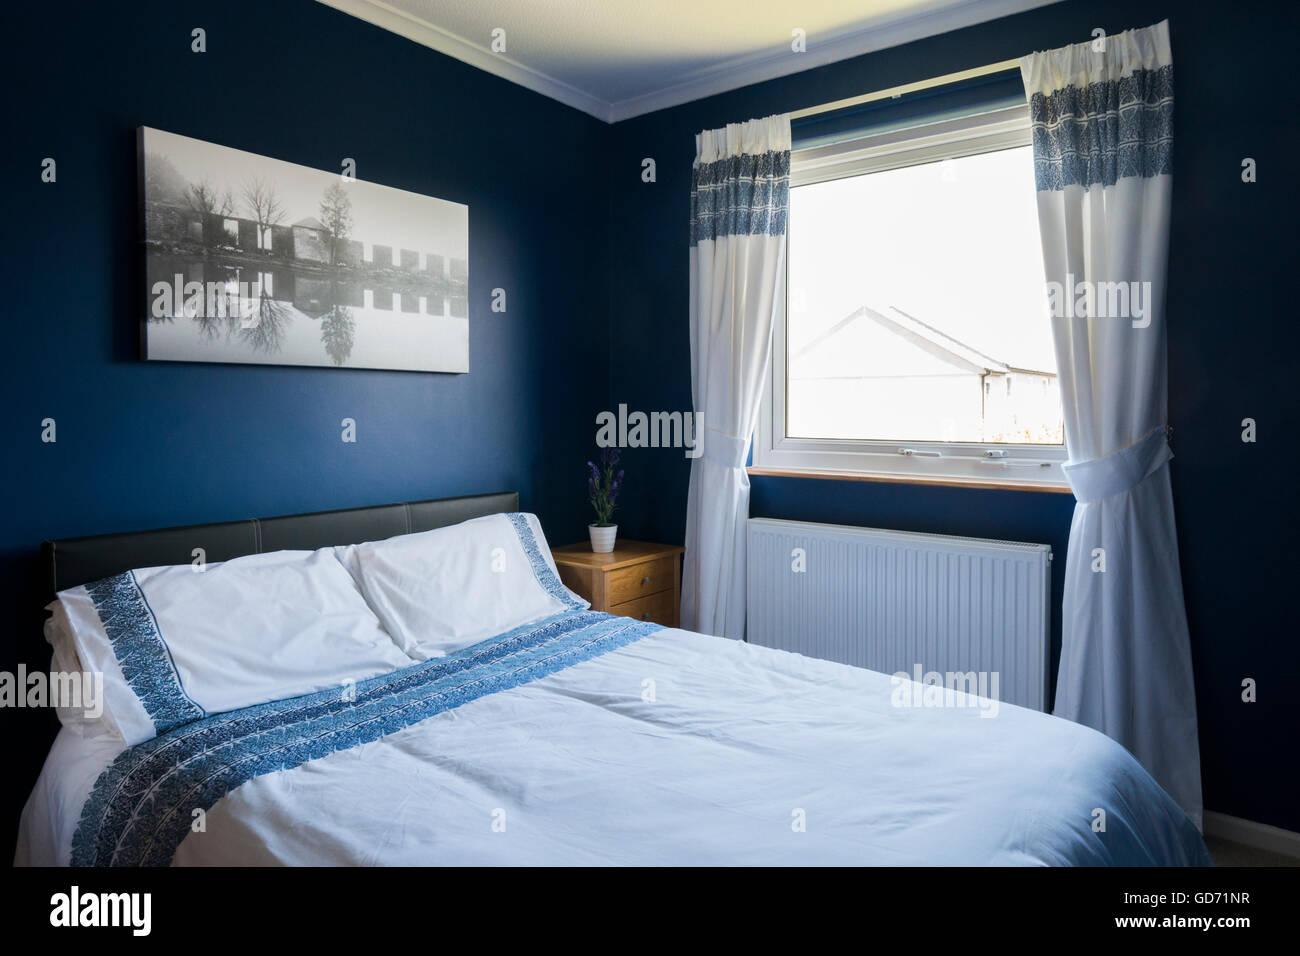 Camera Da Letto Blu Cobalto : Camera da letto blu immagini & camera da letto blu fotos stock alamy